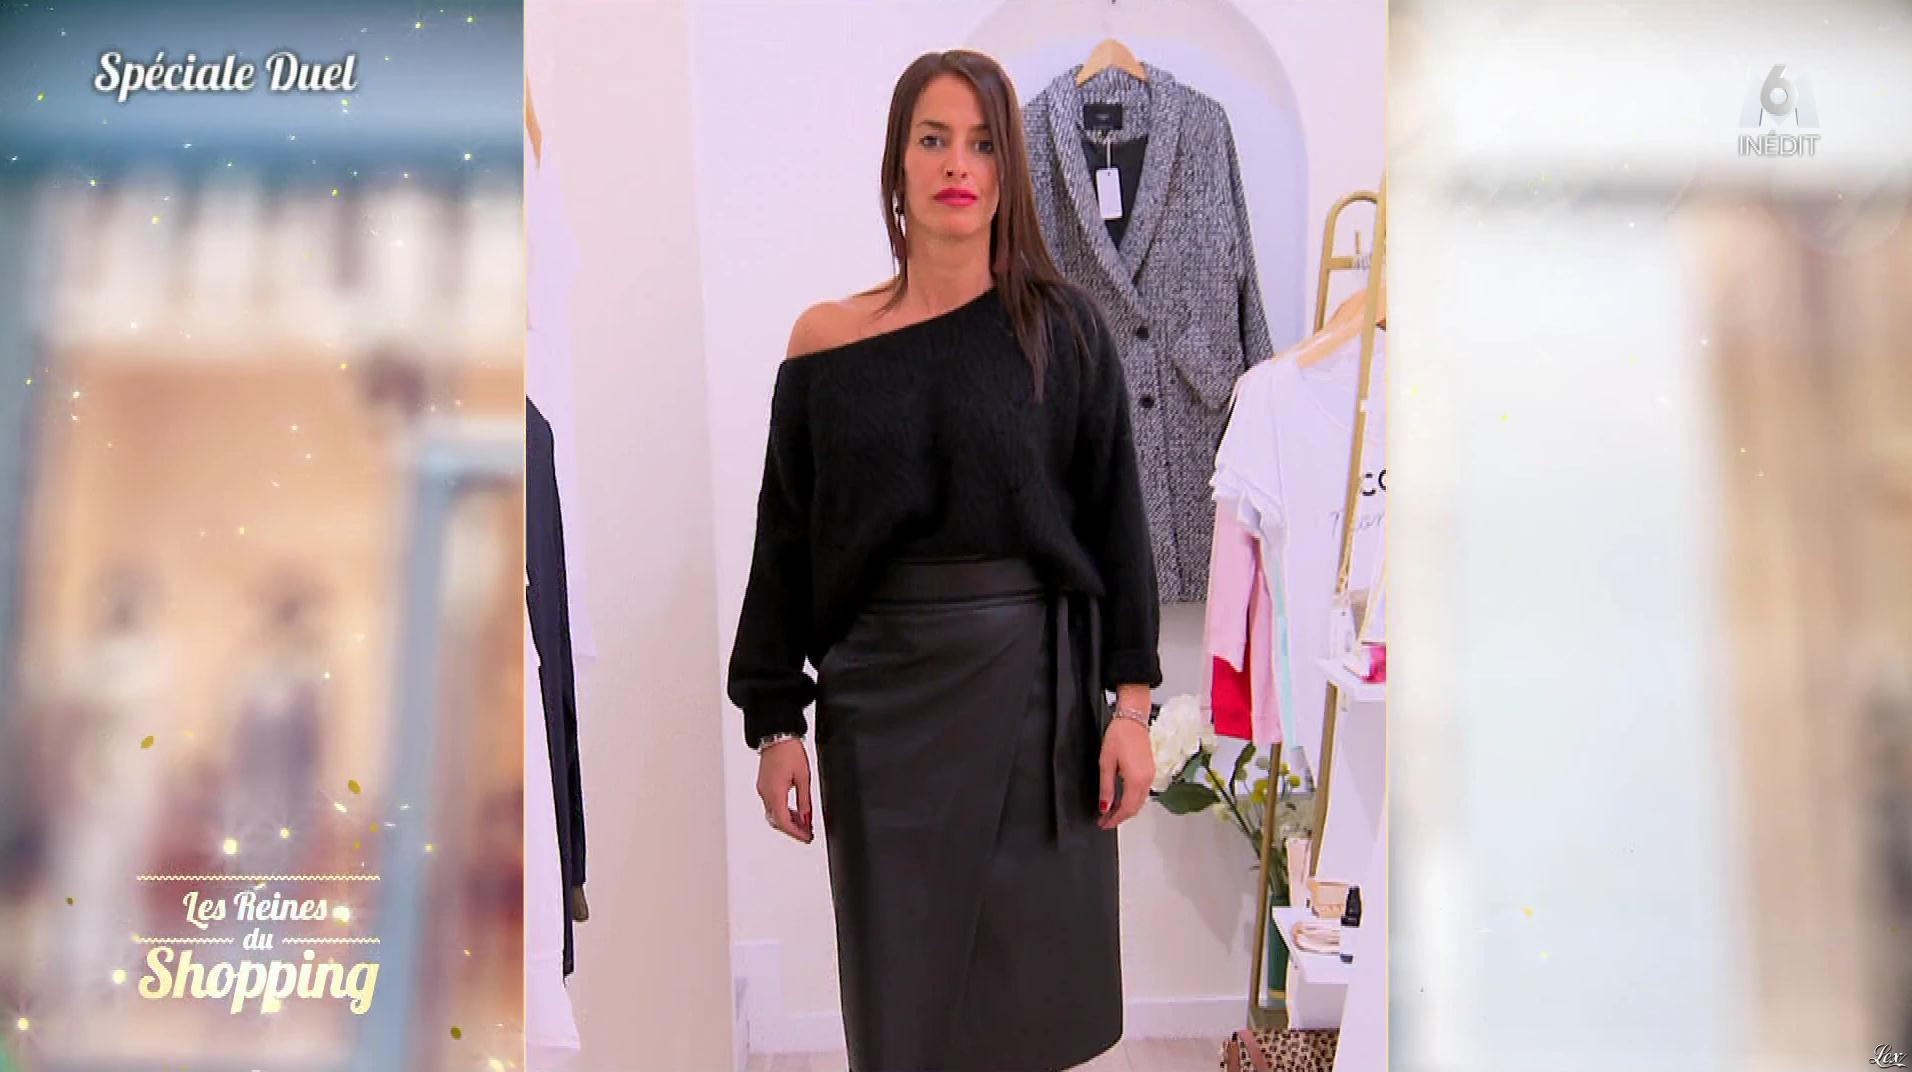 Une Candidate dans les Reines du Shopping. Diffusé à la télévision le 19/12/19.